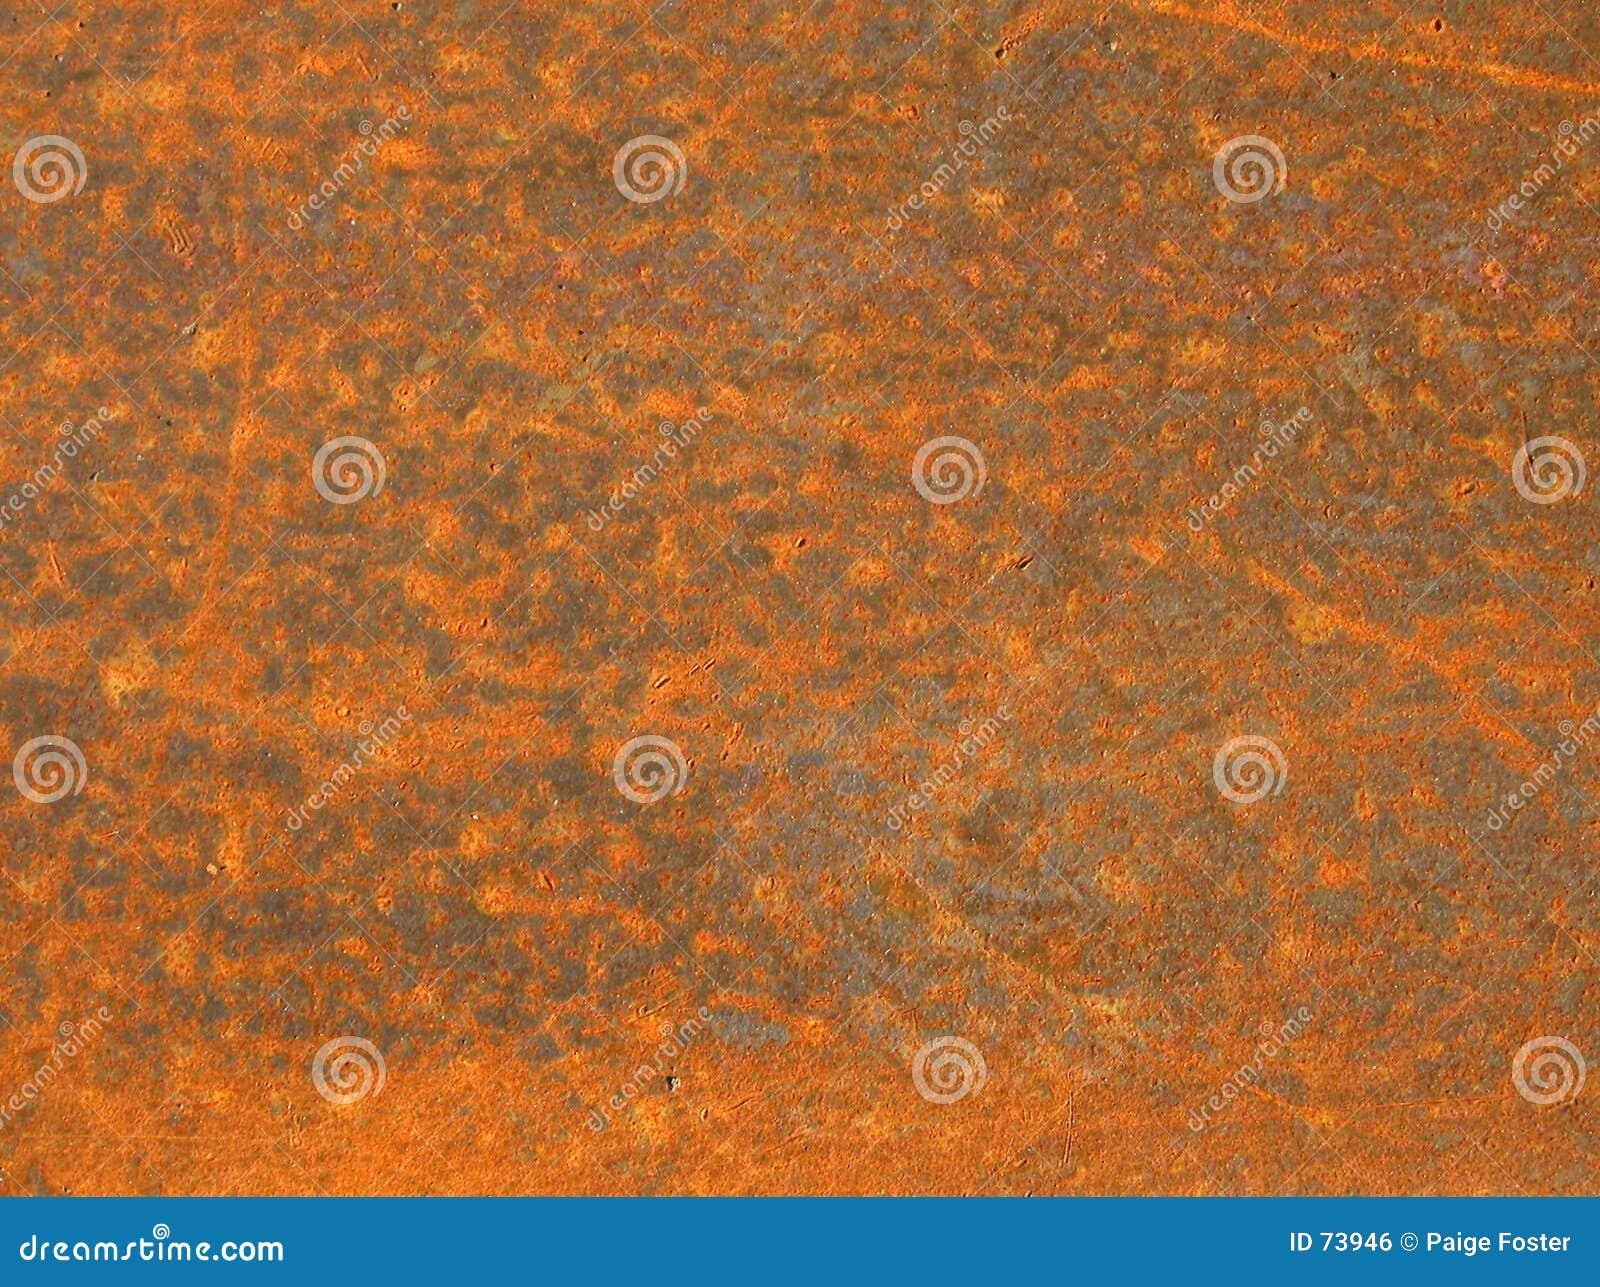 texture rouille 2 image libre de droits image 73946. Black Bedroom Furniture Sets. Home Design Ideas